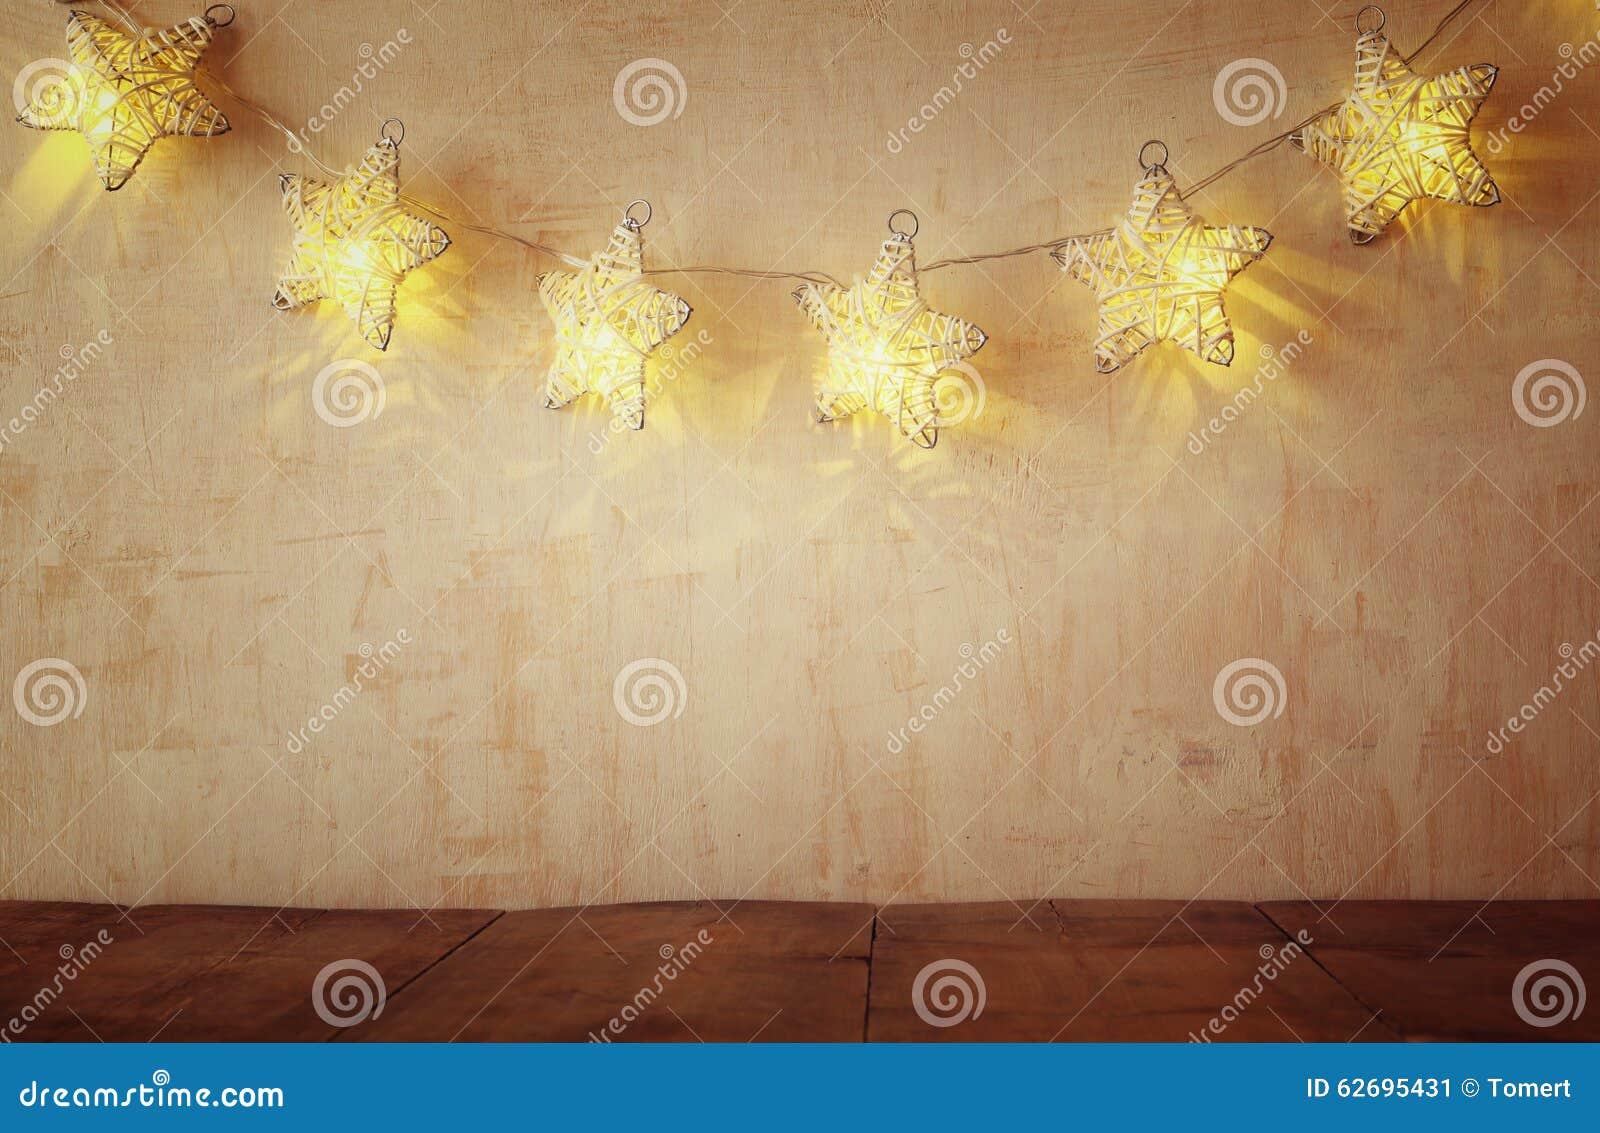 Weihnachtsbeleuchtet warme Goldgirlande auf hölzernem rustikalem Hintergrund